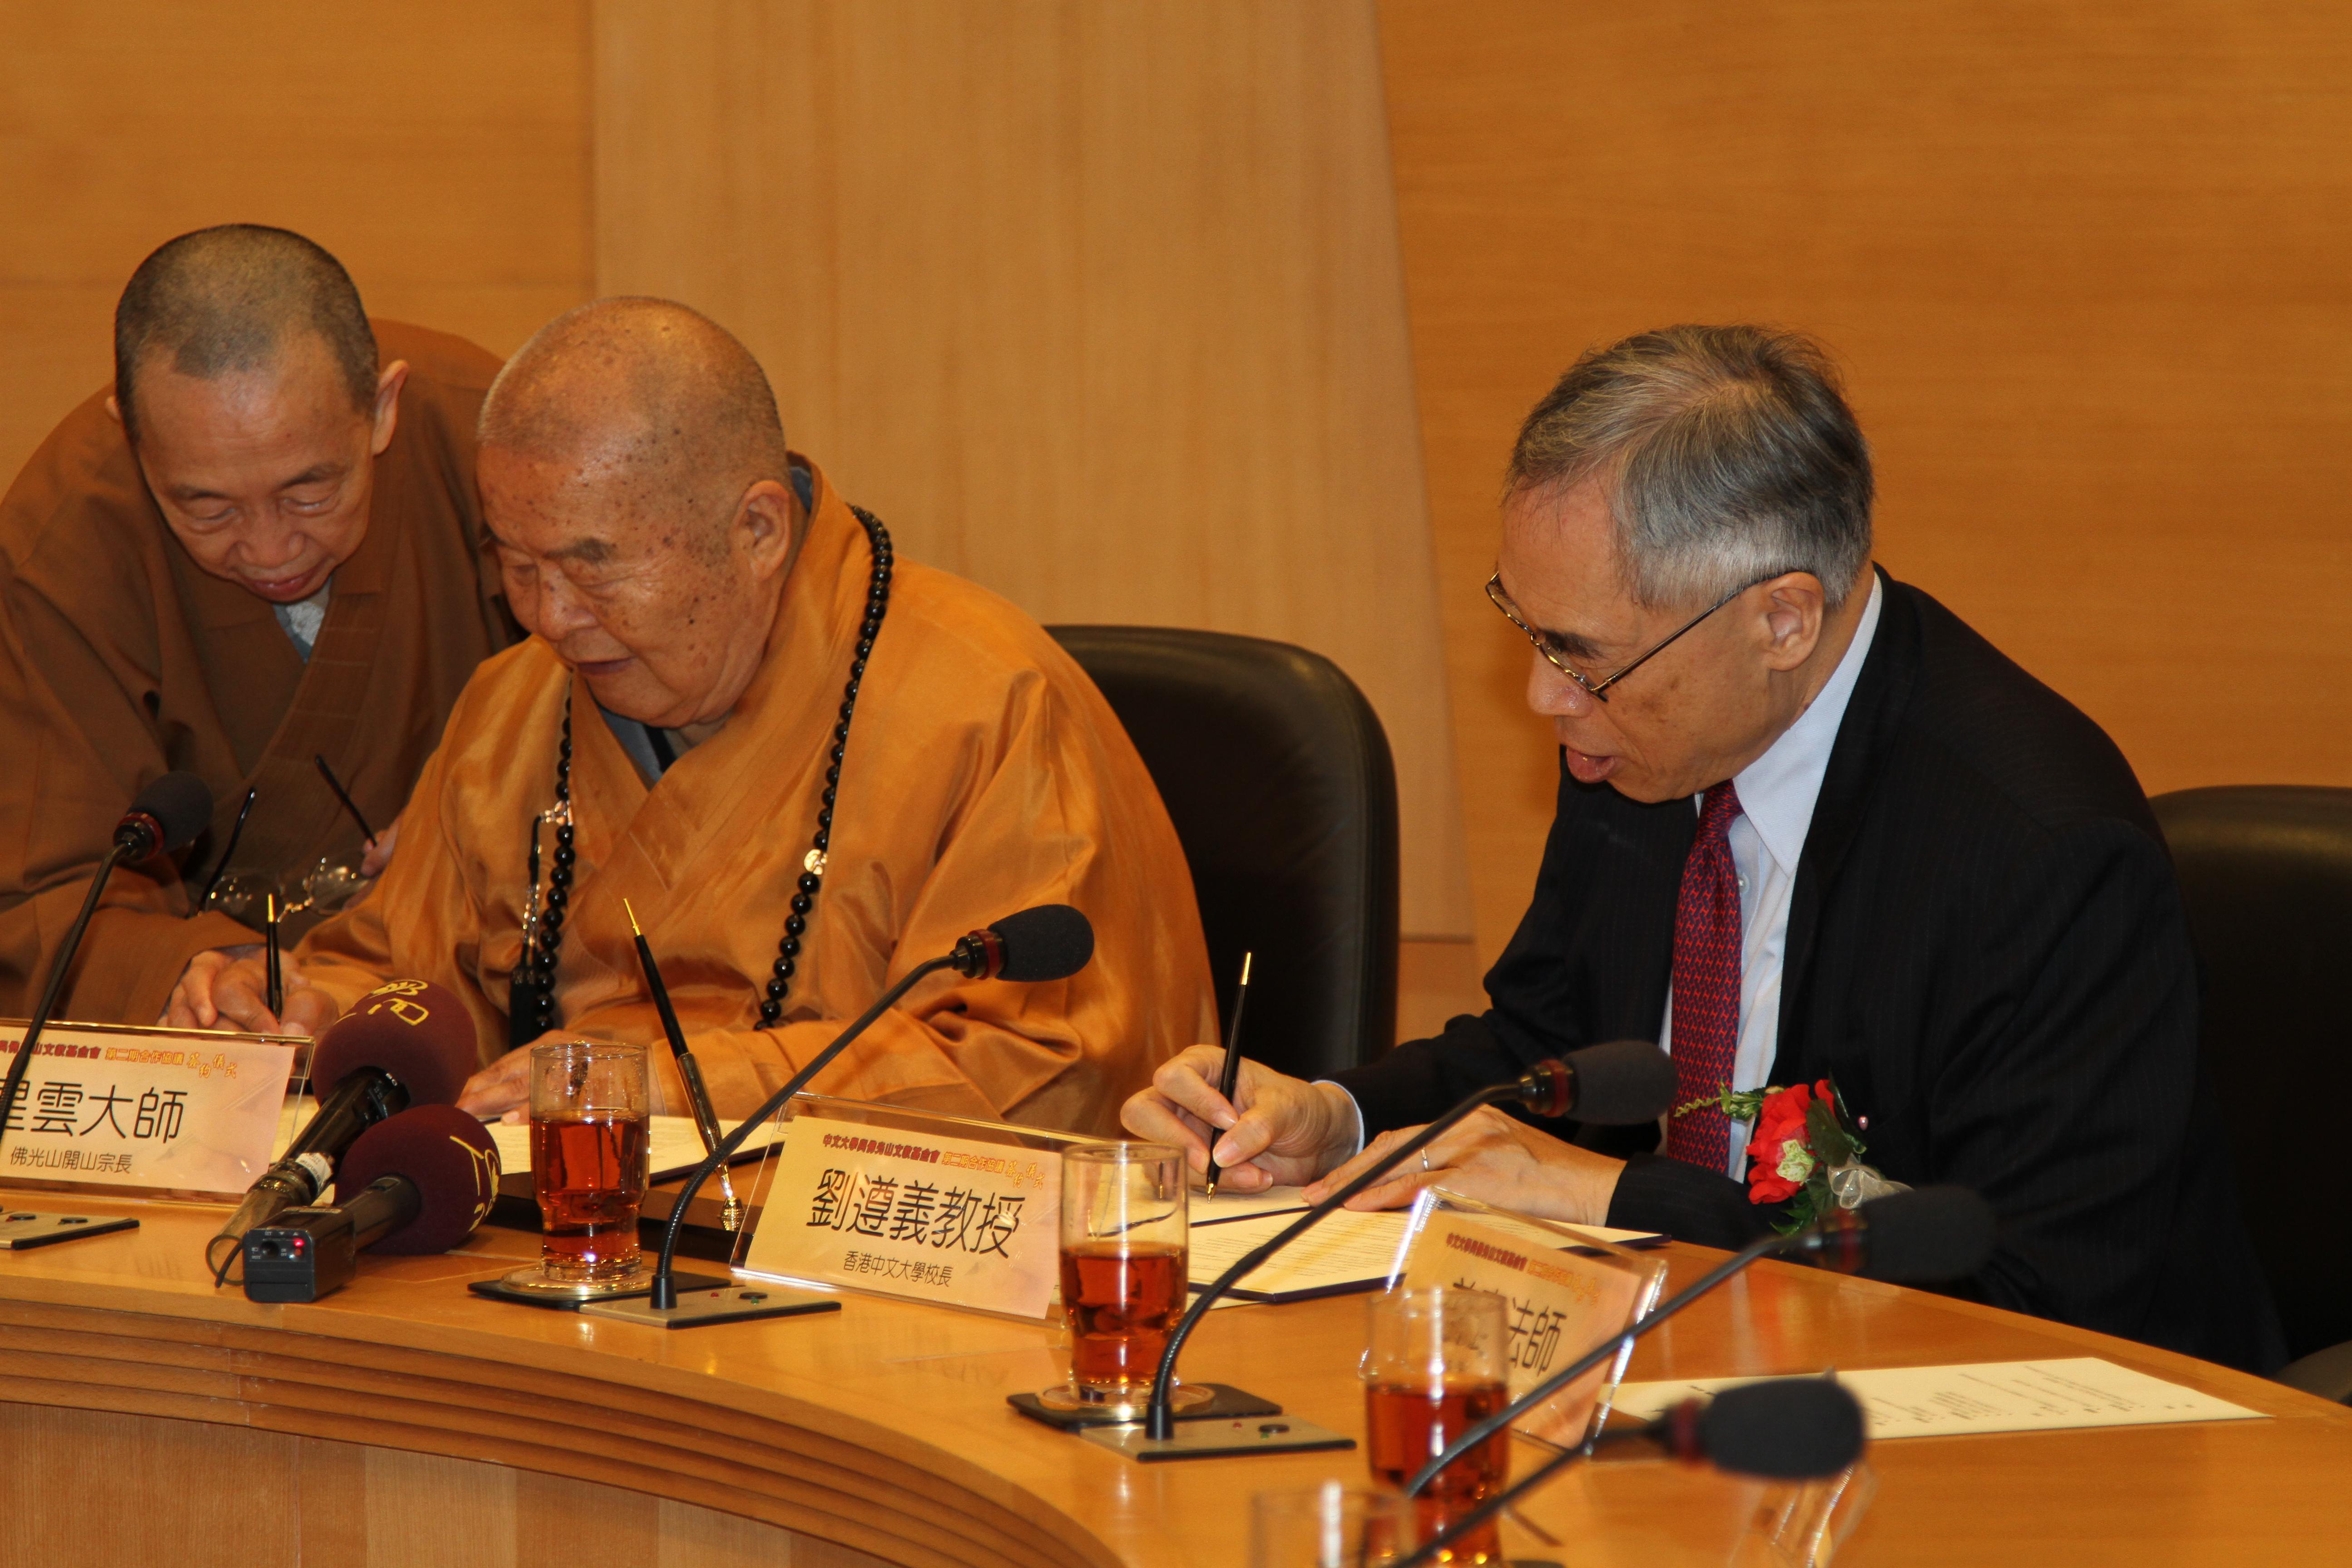 刘遵义校长与星云大师签署协议书